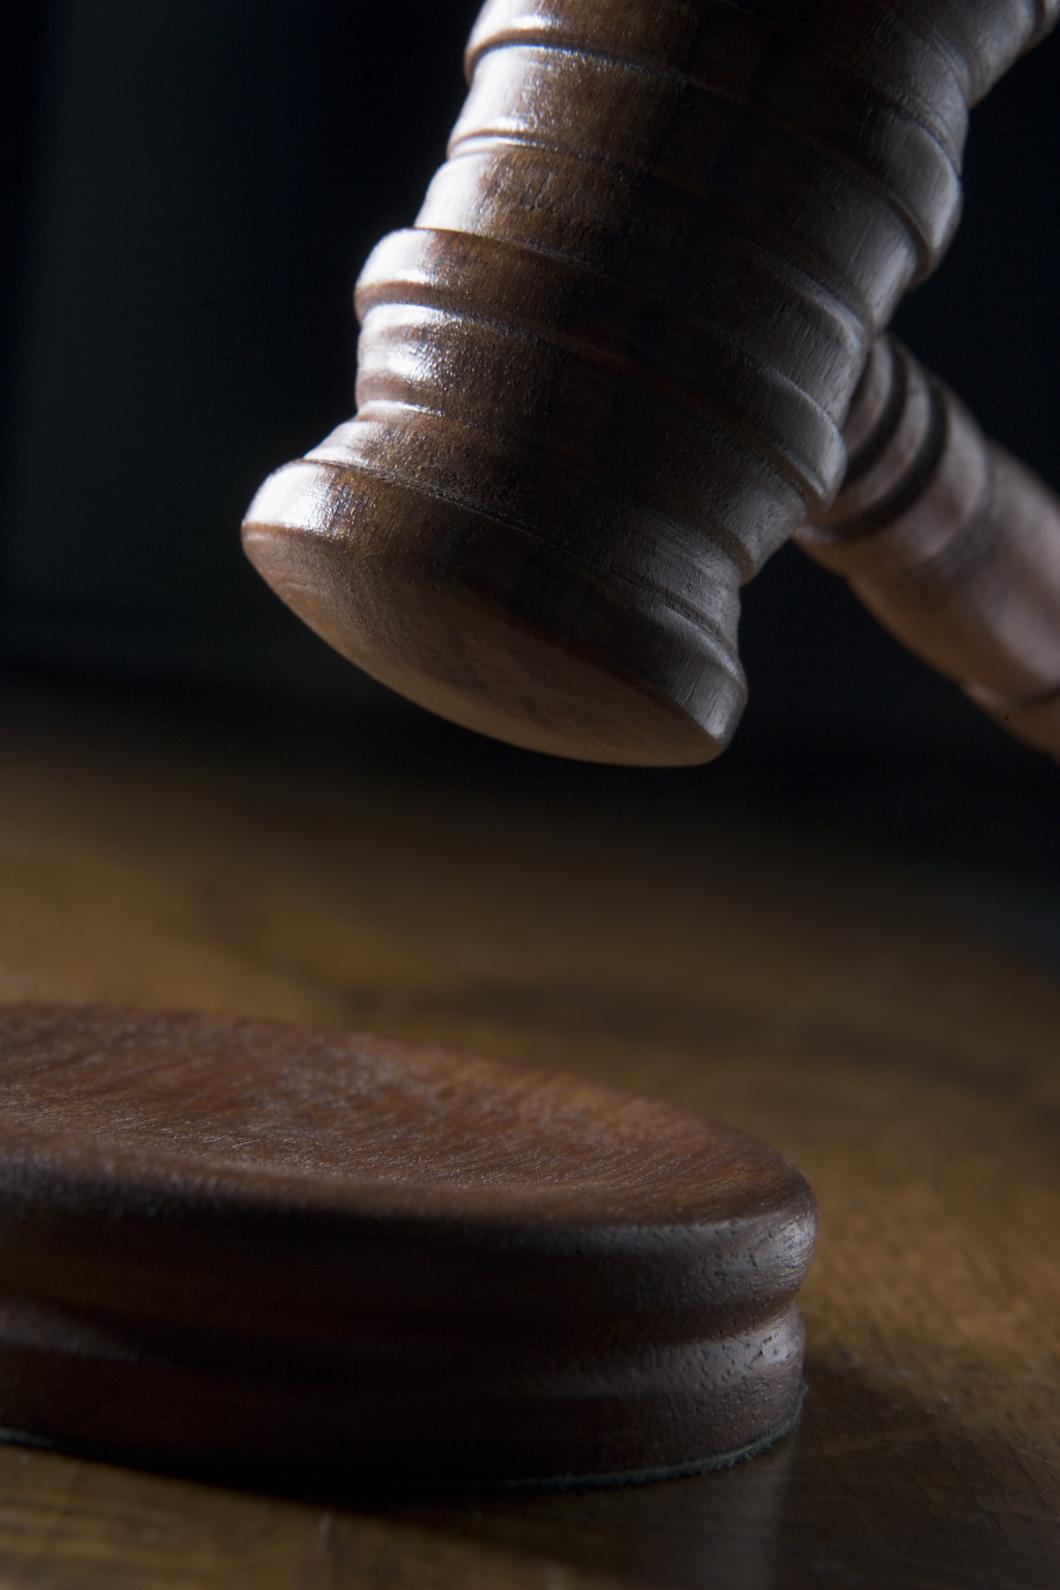 Hårdare och snabbare straff för arbetsmiljöbrott